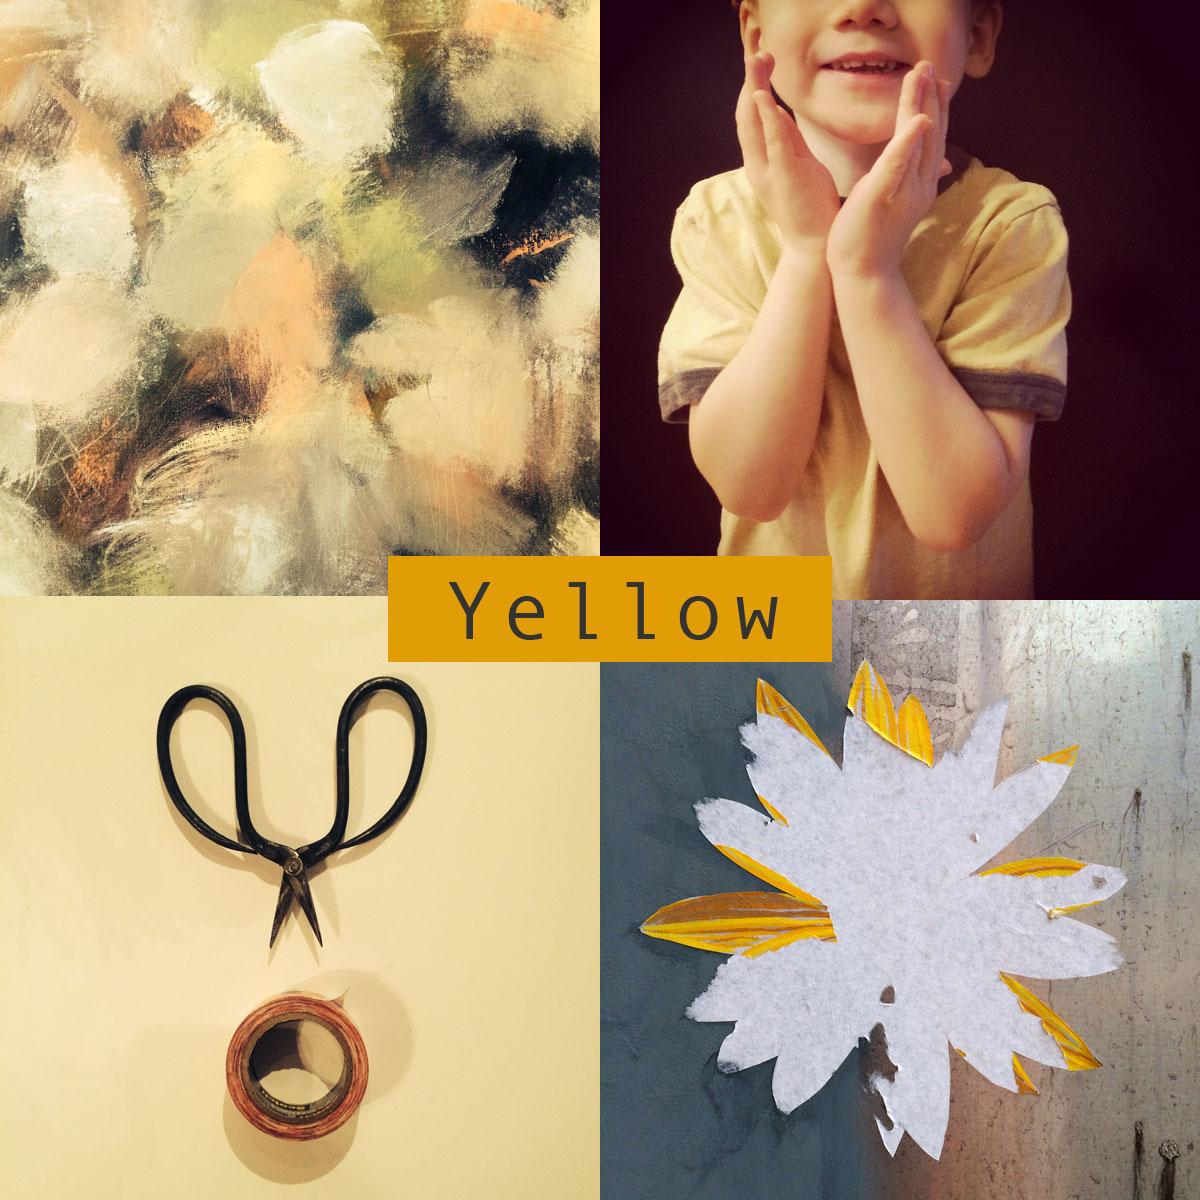 yellowfinalfour